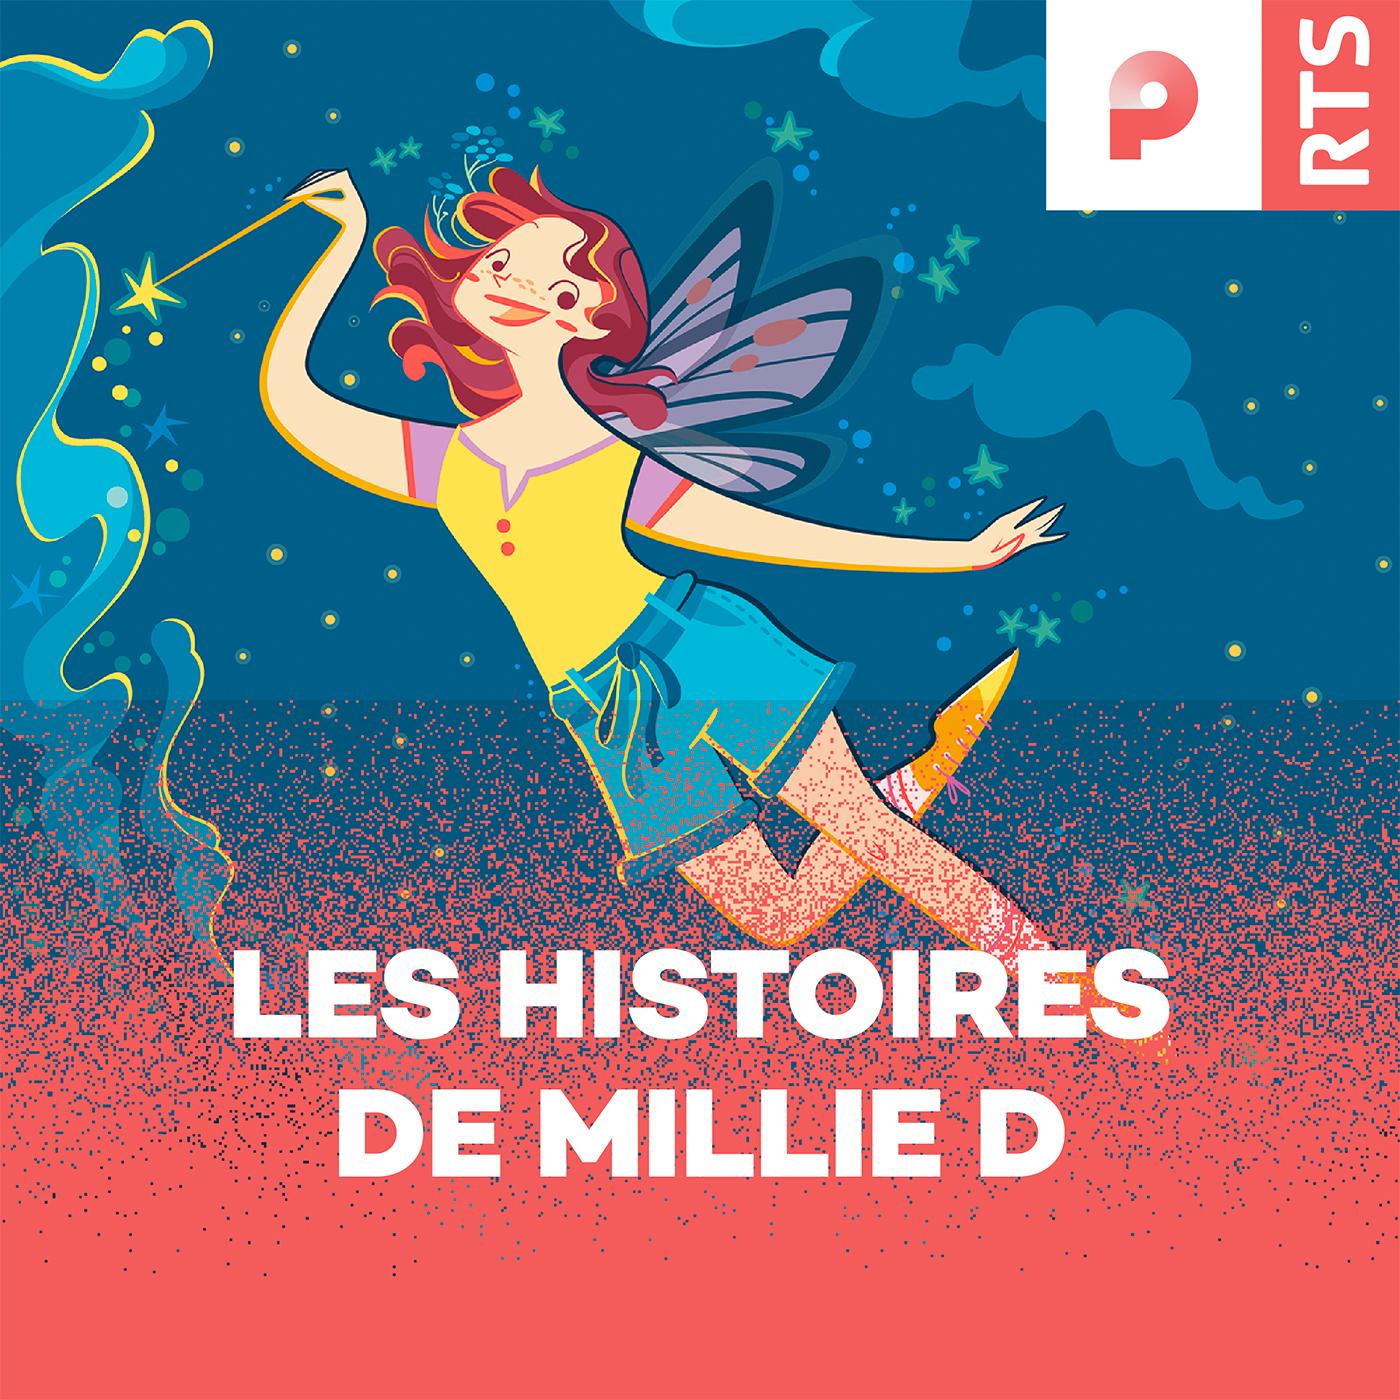 Les histoires de Millie D. (logo podcast)